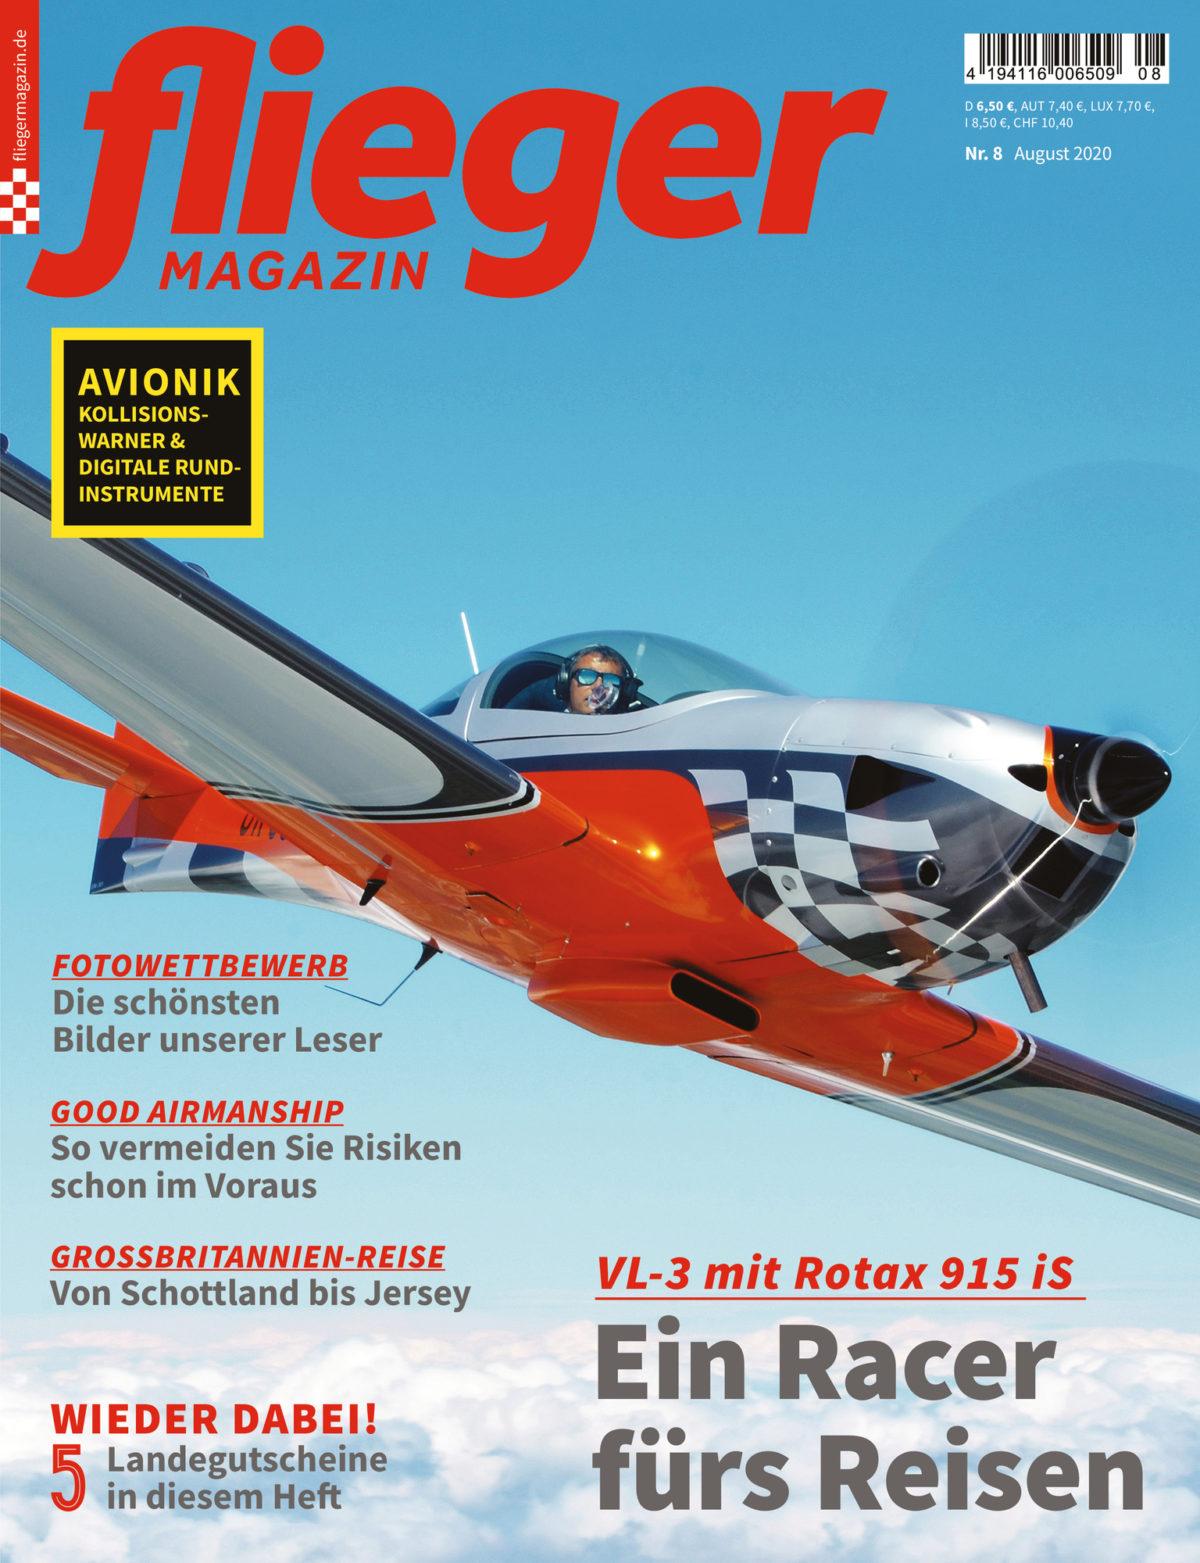 Ein Racer fürs Reisen: VL-3 mit Rotax 915 iS